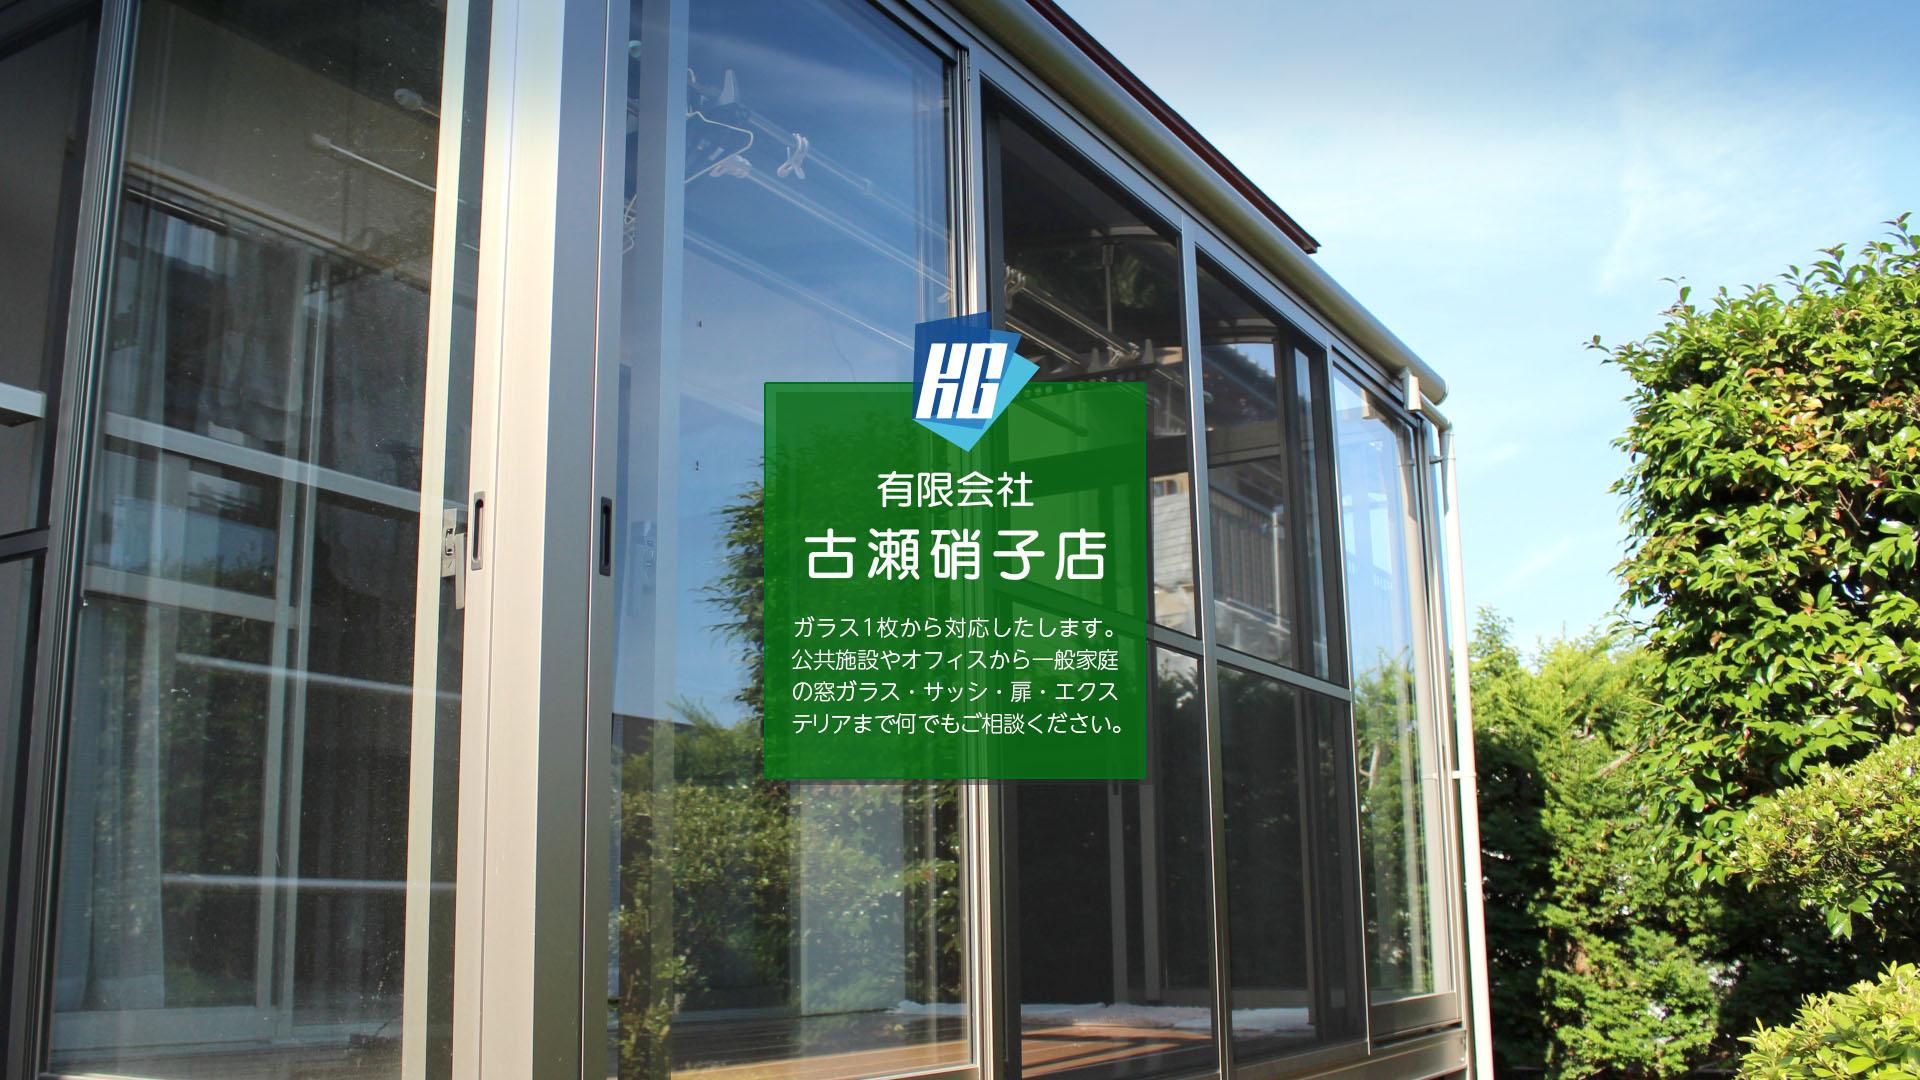 古瀬硝子店スライド4